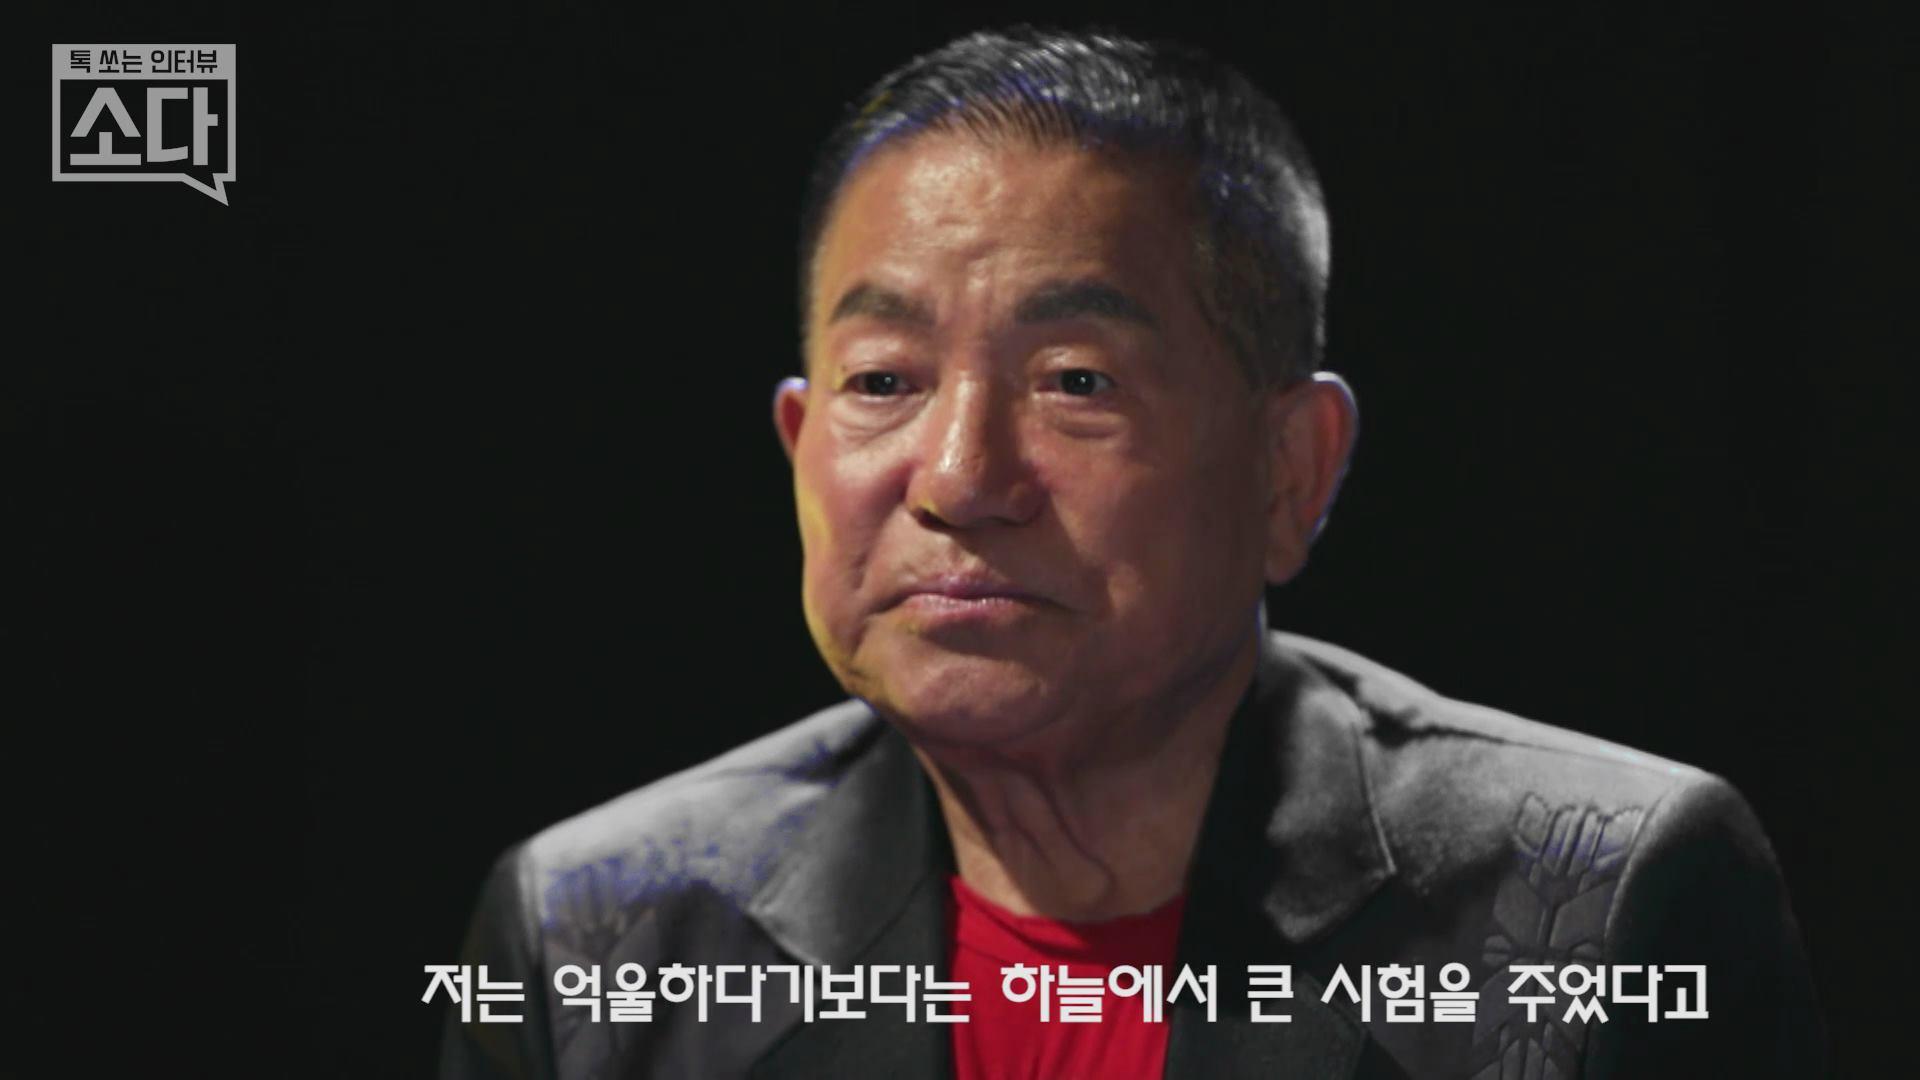 """[인터뷰] '뽀빠이' 이상용 """"방송 퇴출로 경제적 어려움 겪어"""""""